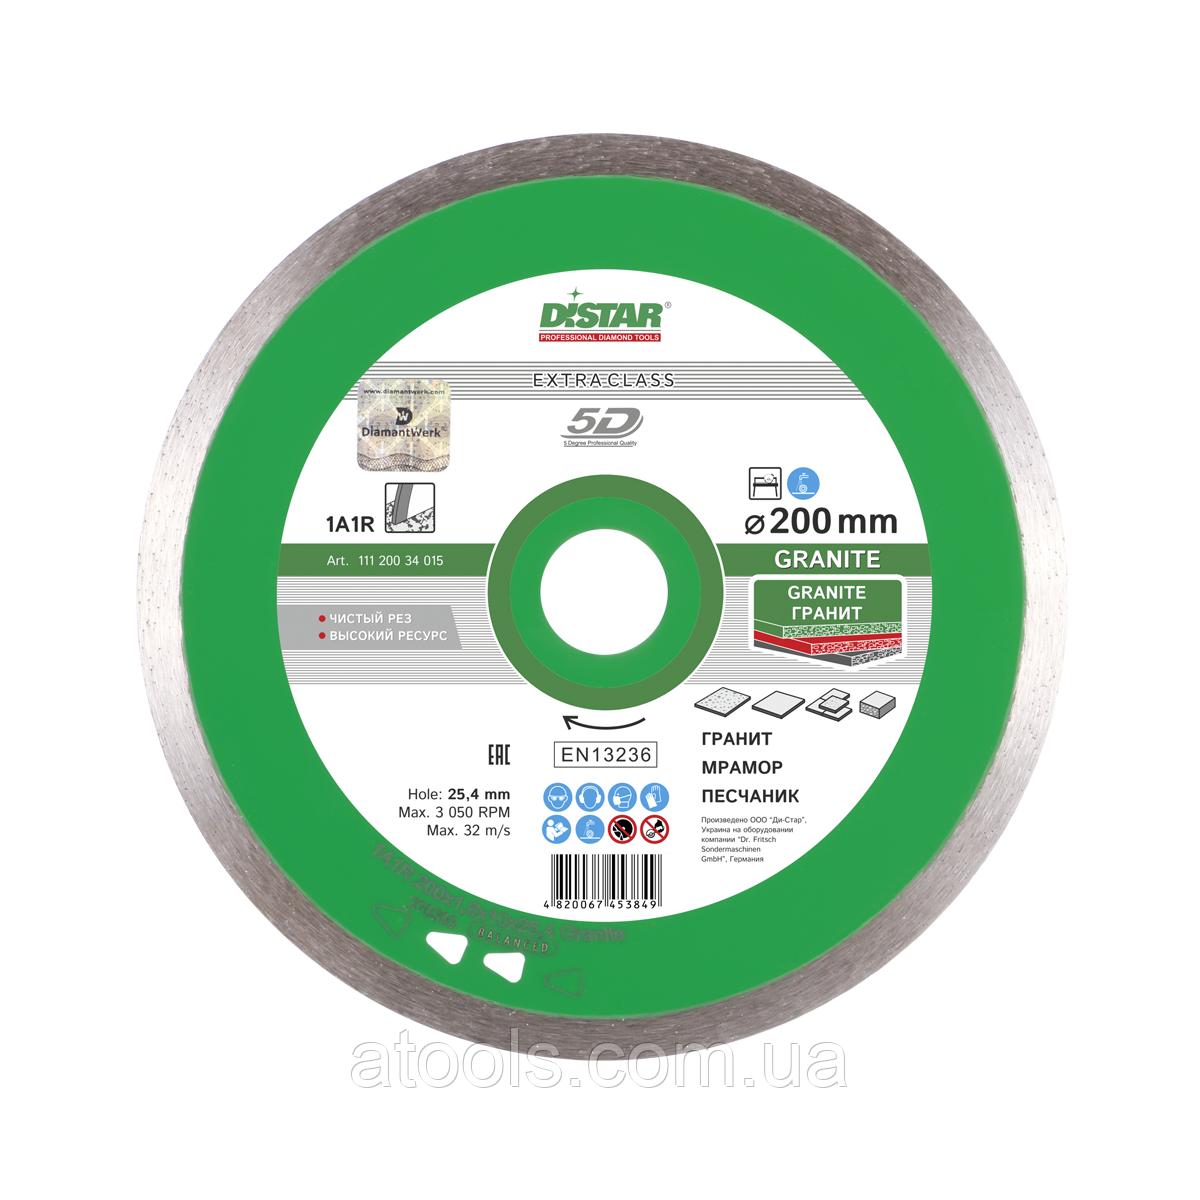 Алмазний відрізний диск Distar Granite 1A1R 200x1.6x10x25.4 (11120034015)